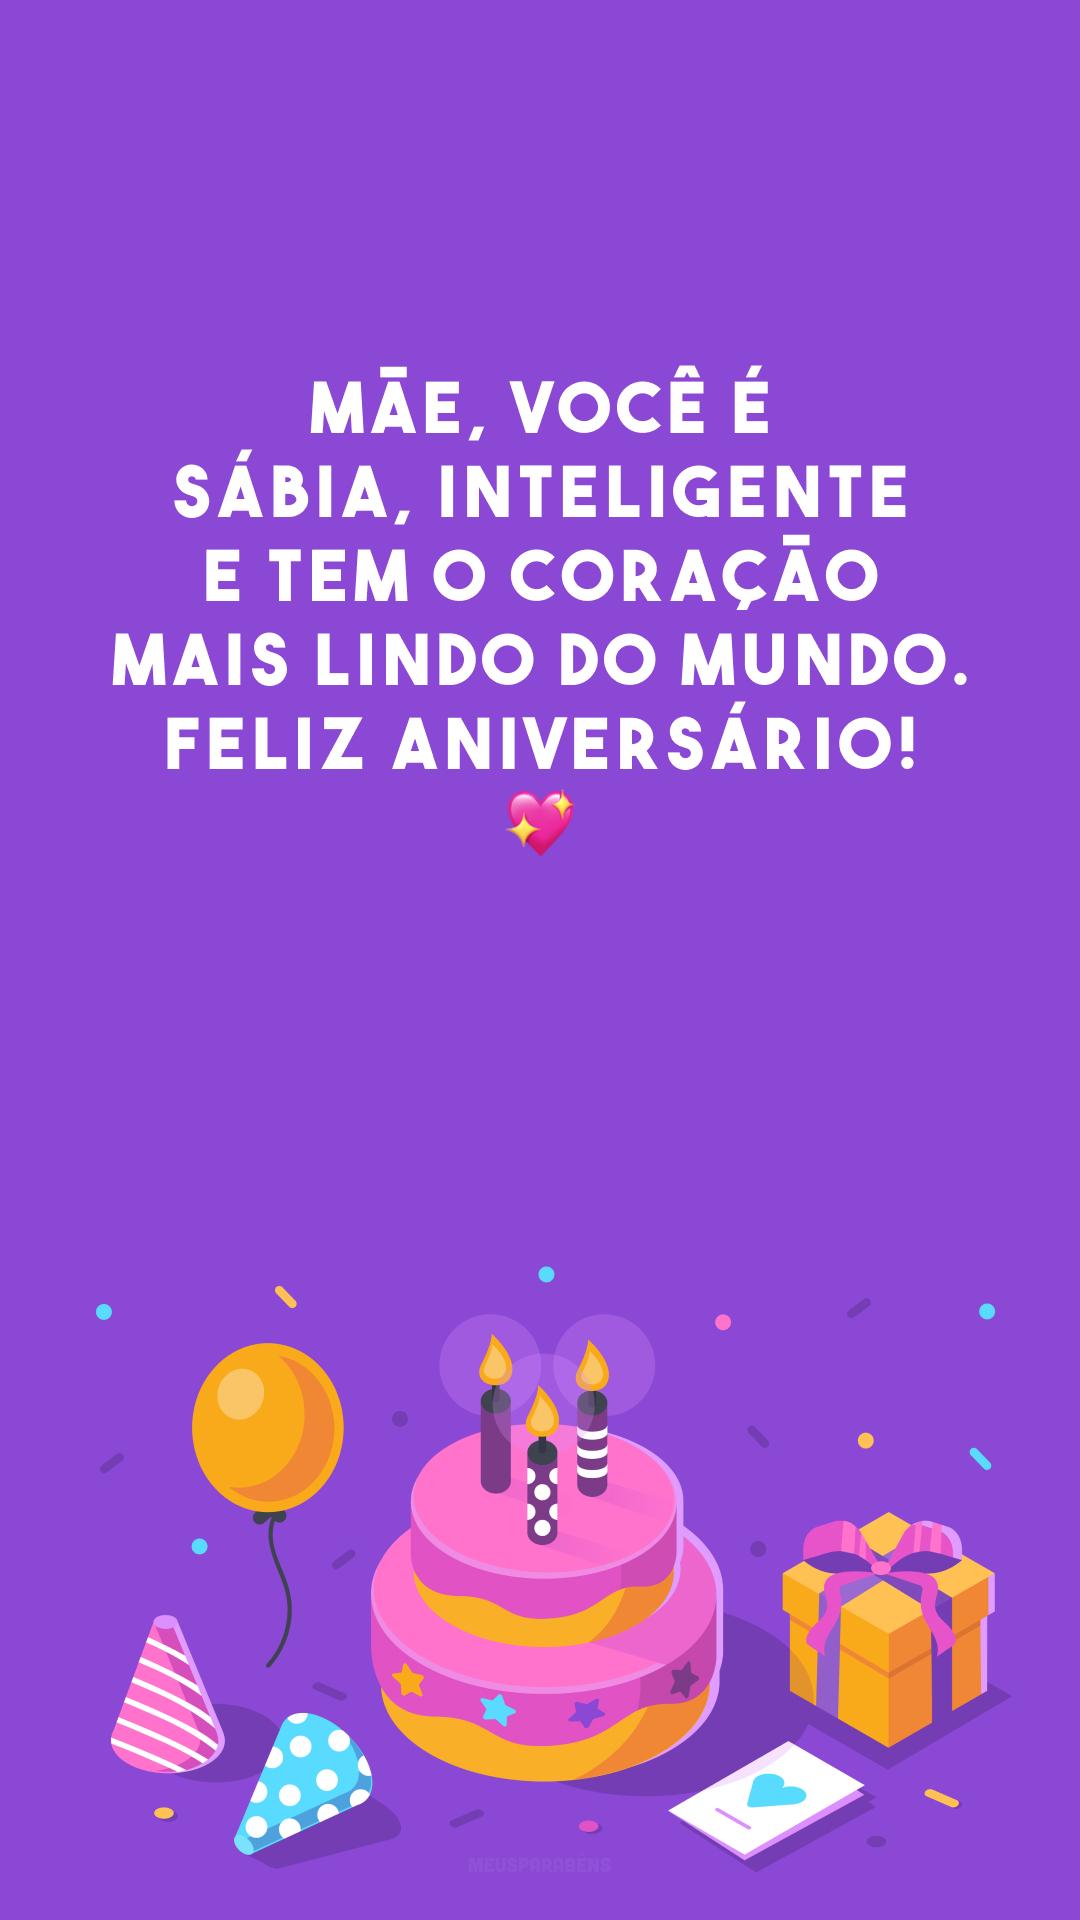 Mãe, você é sábia, inteligente e tem o coração mais lindo do mundo. Feliz aniversário! 💖